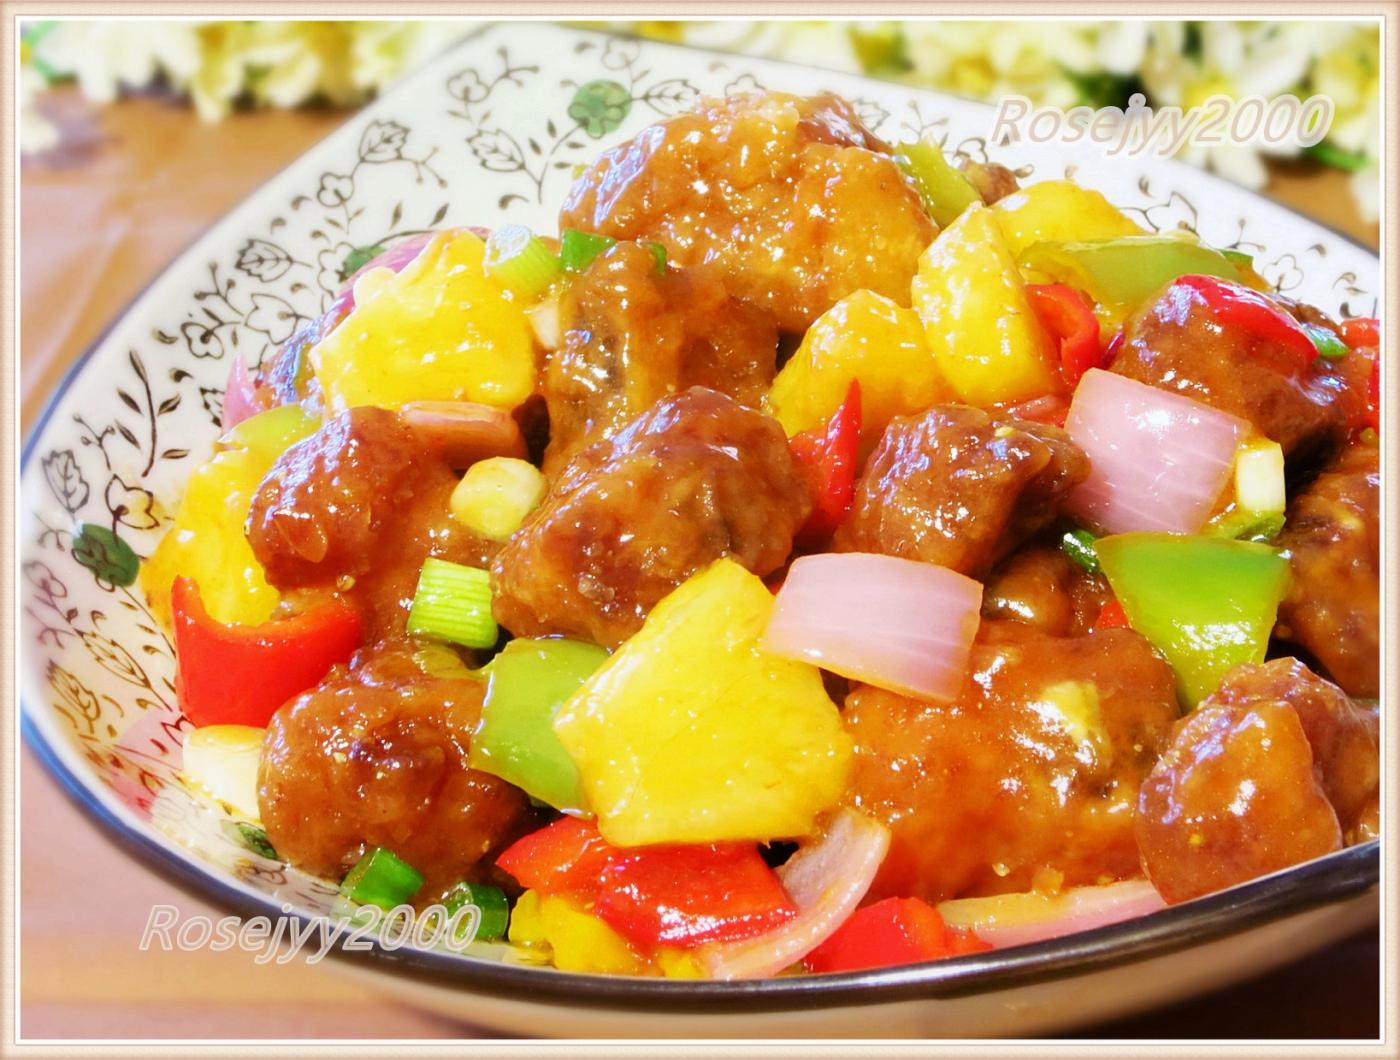 糖醋菠萝排骨_图1-4